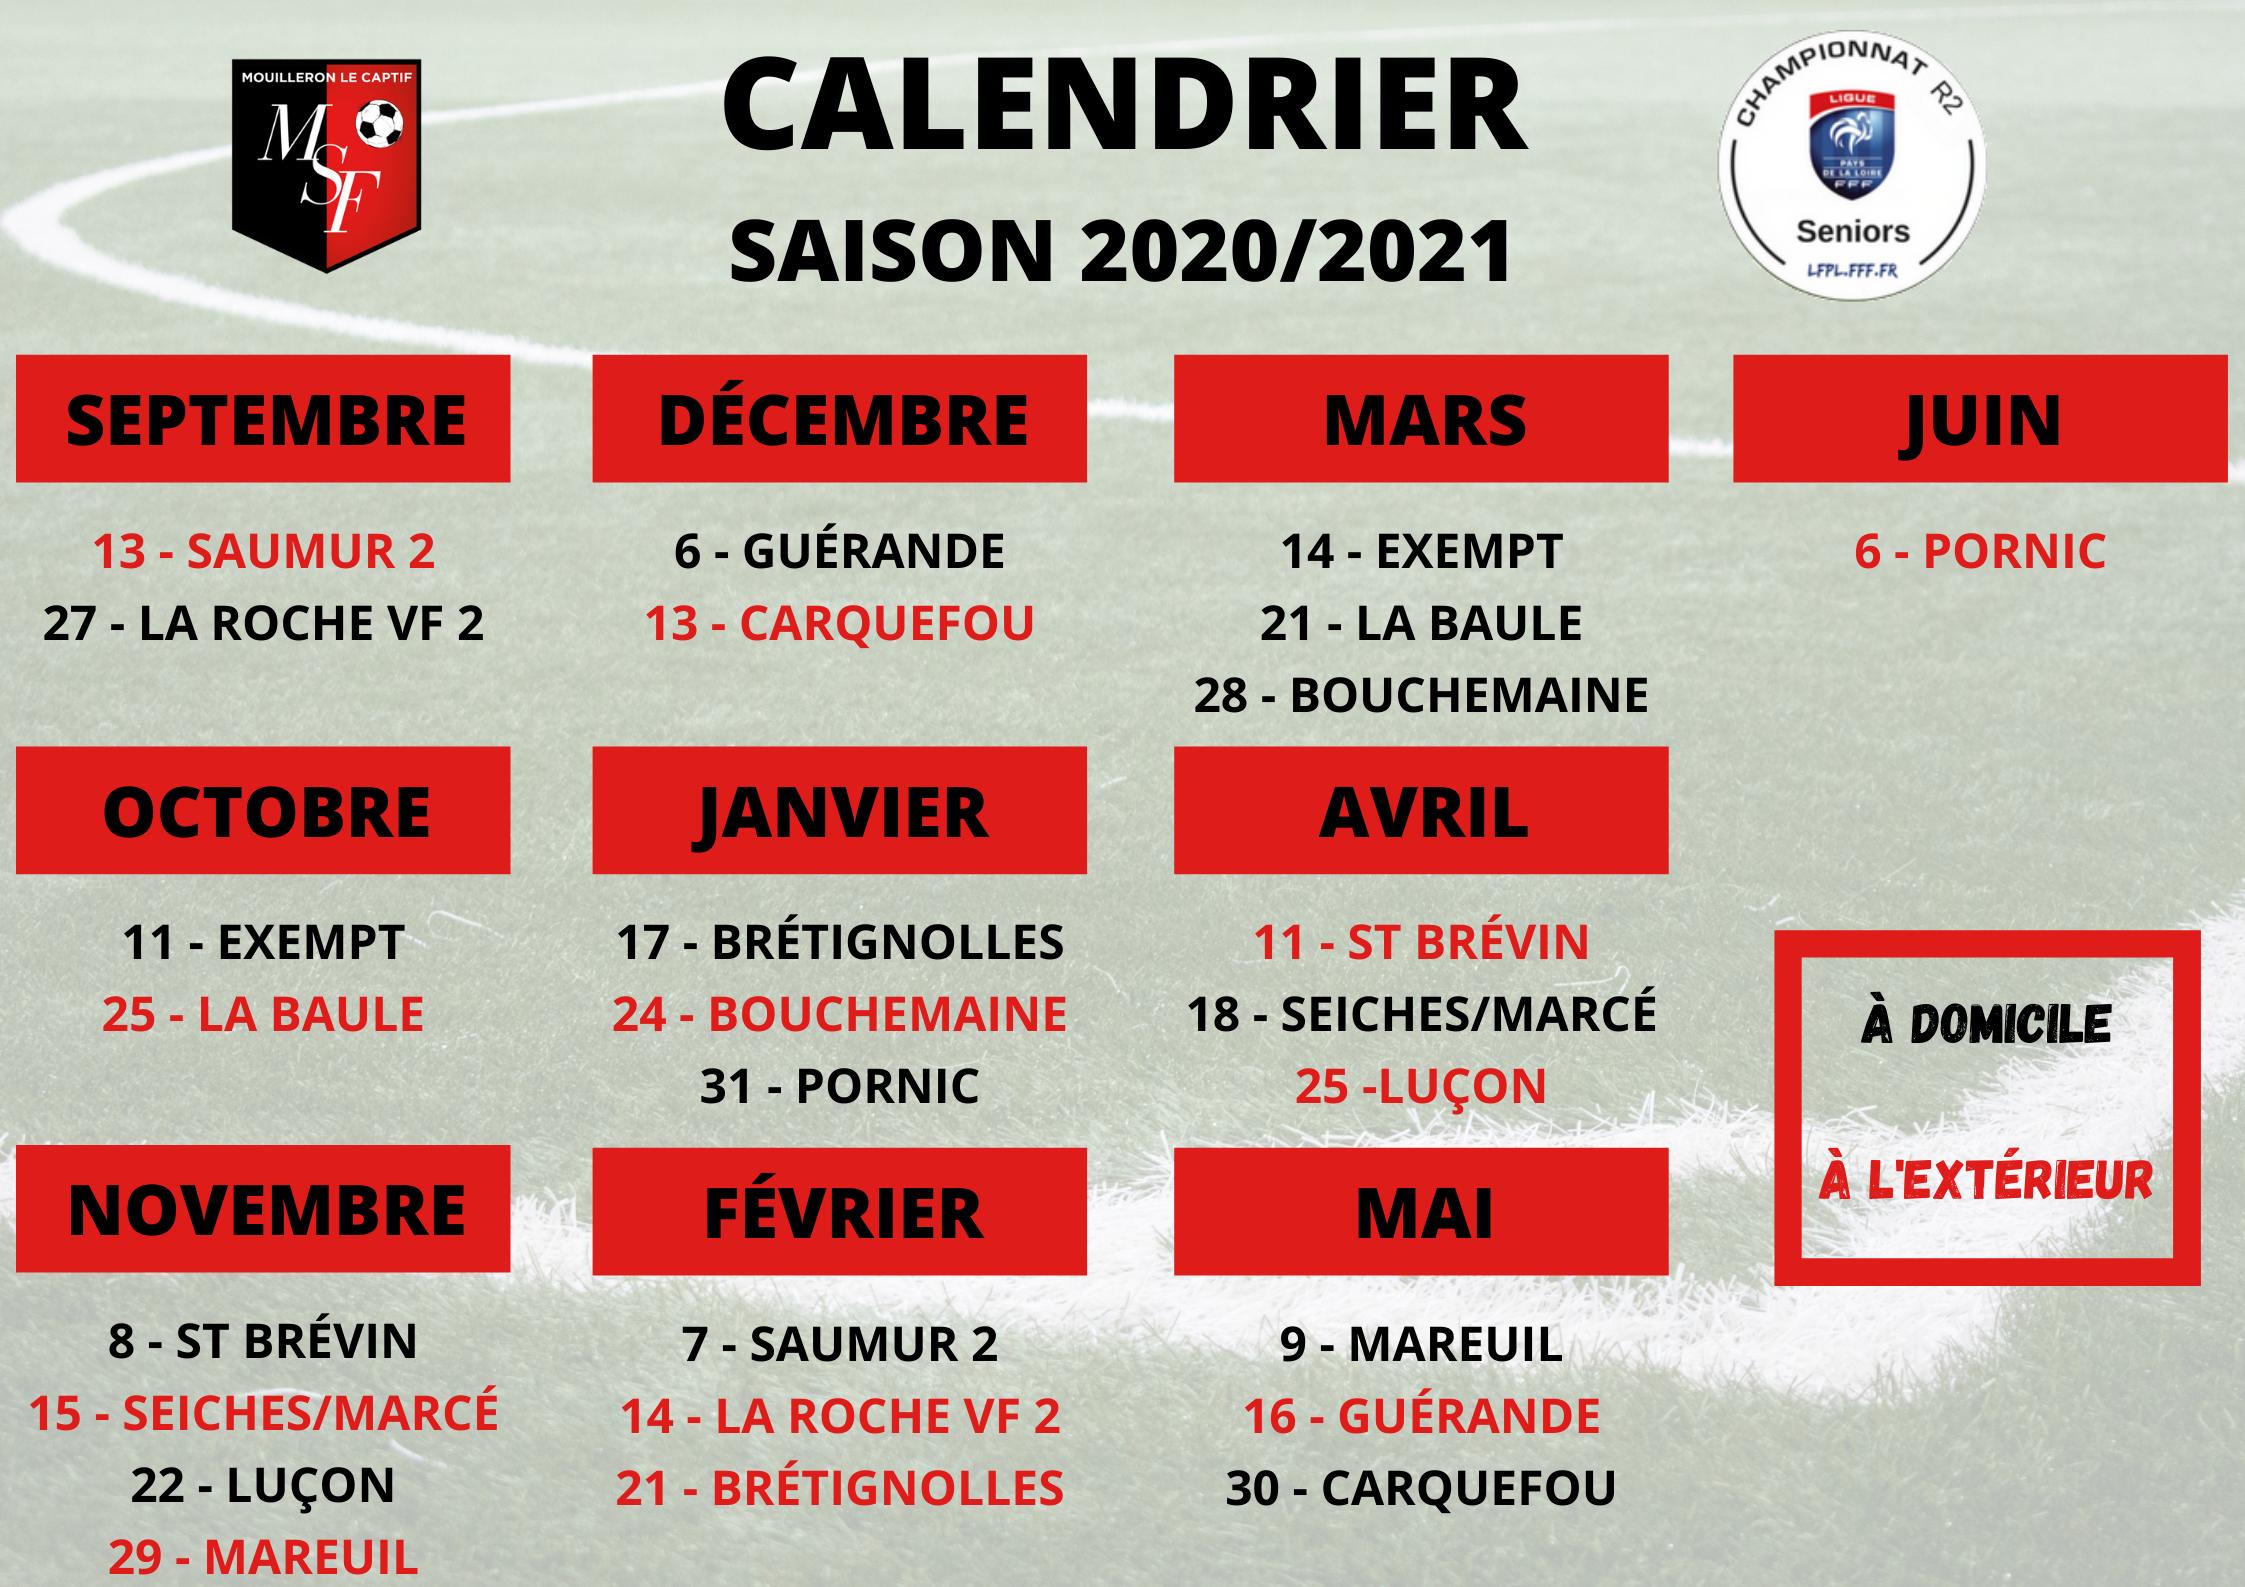 Calendrier de Régional 2 – Saison 2020/21